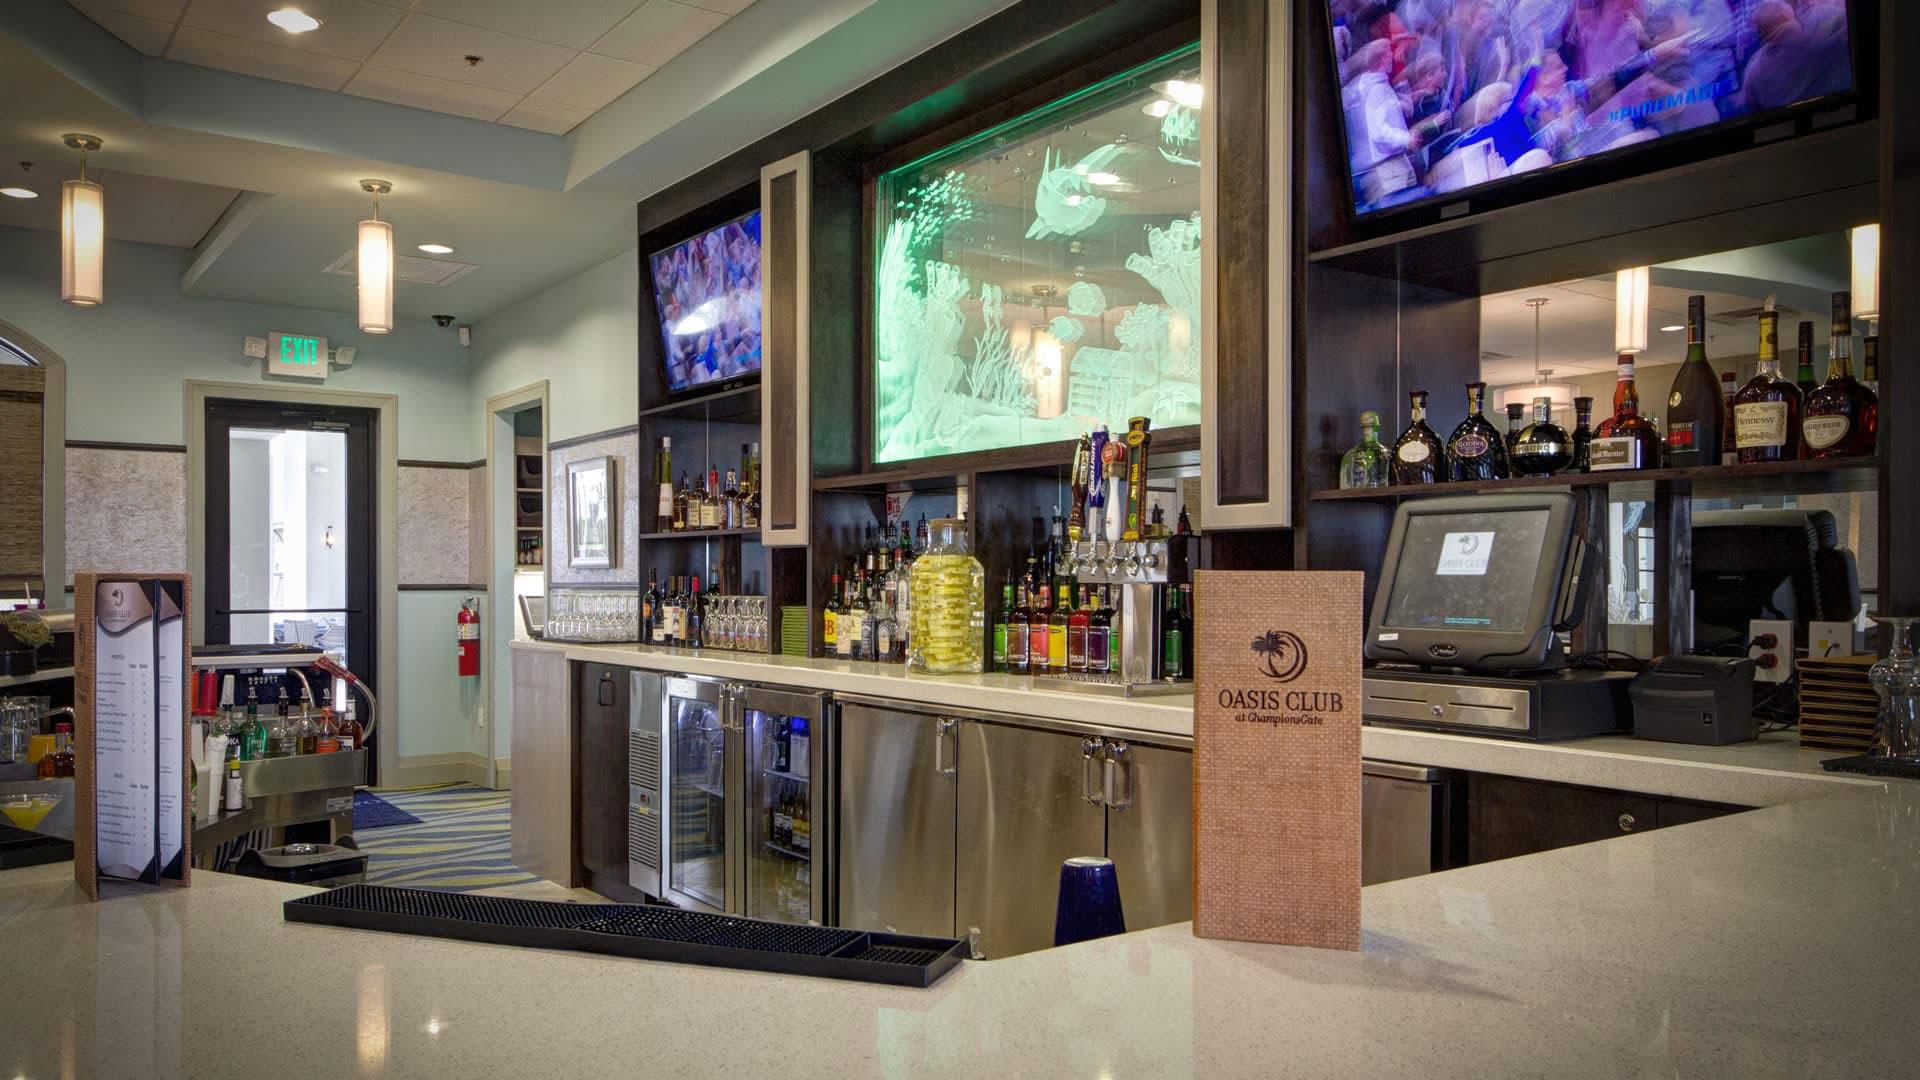 Oasis club bar